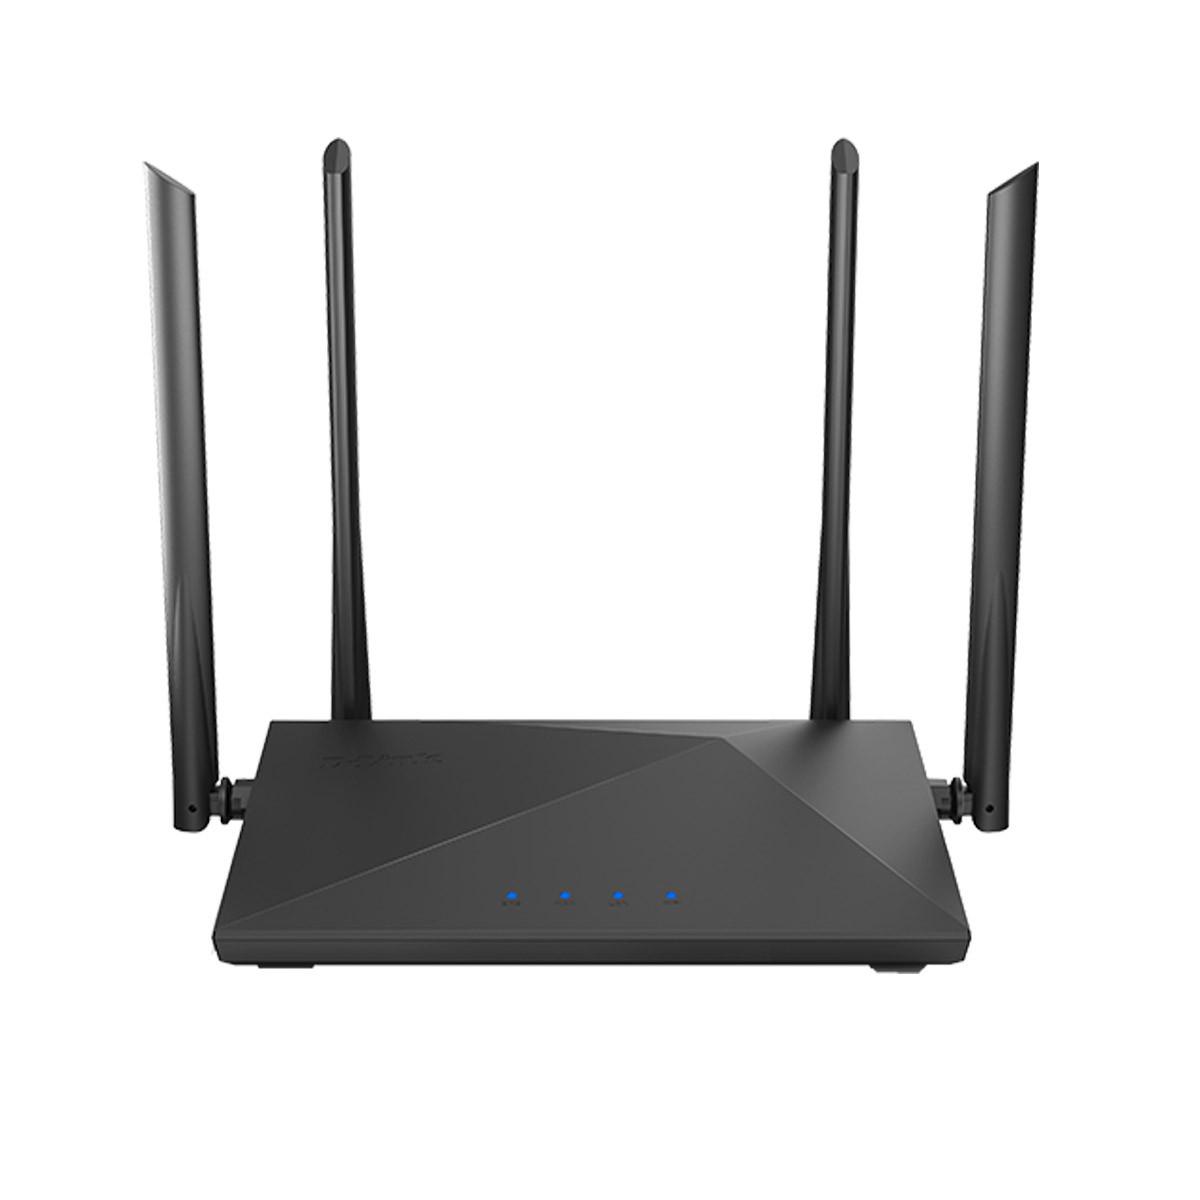 Roteador Wireless com 4 Antenas D-Link DIR-822+ AC1200   1200 Mbps